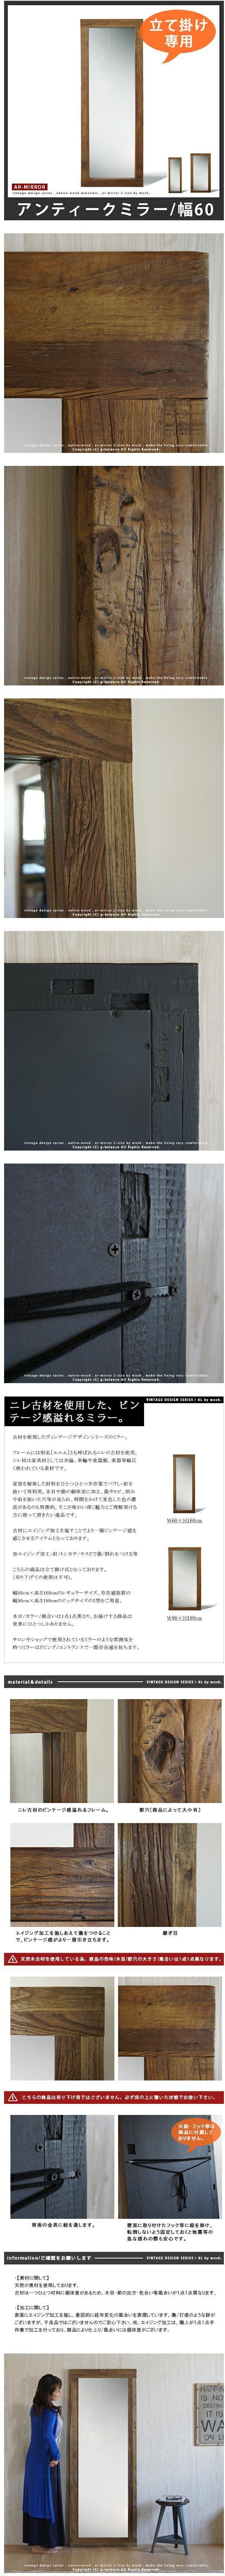 【古材を使用したミラー】アンティーク 壁掛け 全身鏡 姿見。アンティーク ミラー 壁掛け 全身鏡 姿見 160 160cm 木製 無垢 無垢材 古材 スタンドミラー 全身 鏡 ワイドミラー 全身ミラー 壁掛けミラー ジャンボミラー ワイド 60 60cm 60幅 幅60 高さ160 アンティーク調 ビンテージ レトロ クール アメリカン 男前 ナチュラル おしゃれ